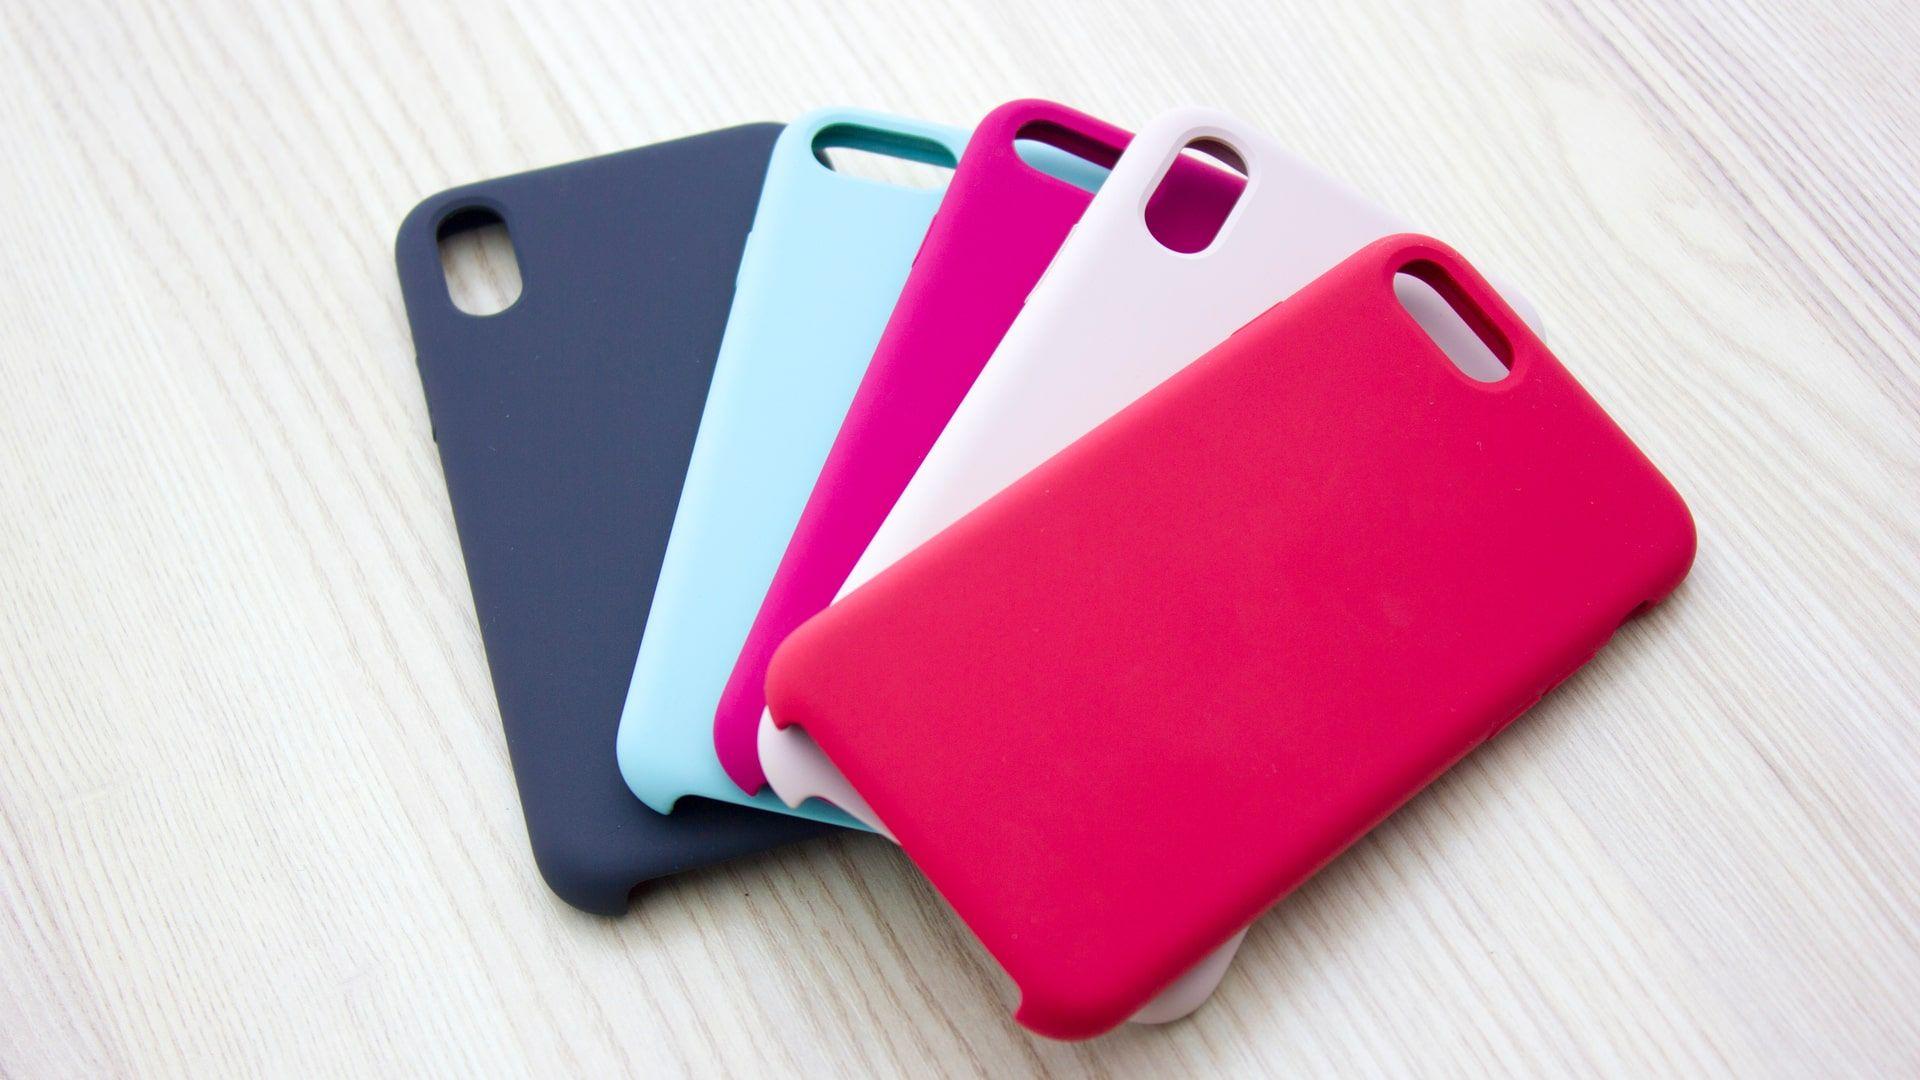 Capinha de celular: veja como escolher (Foto: Shutterstock)